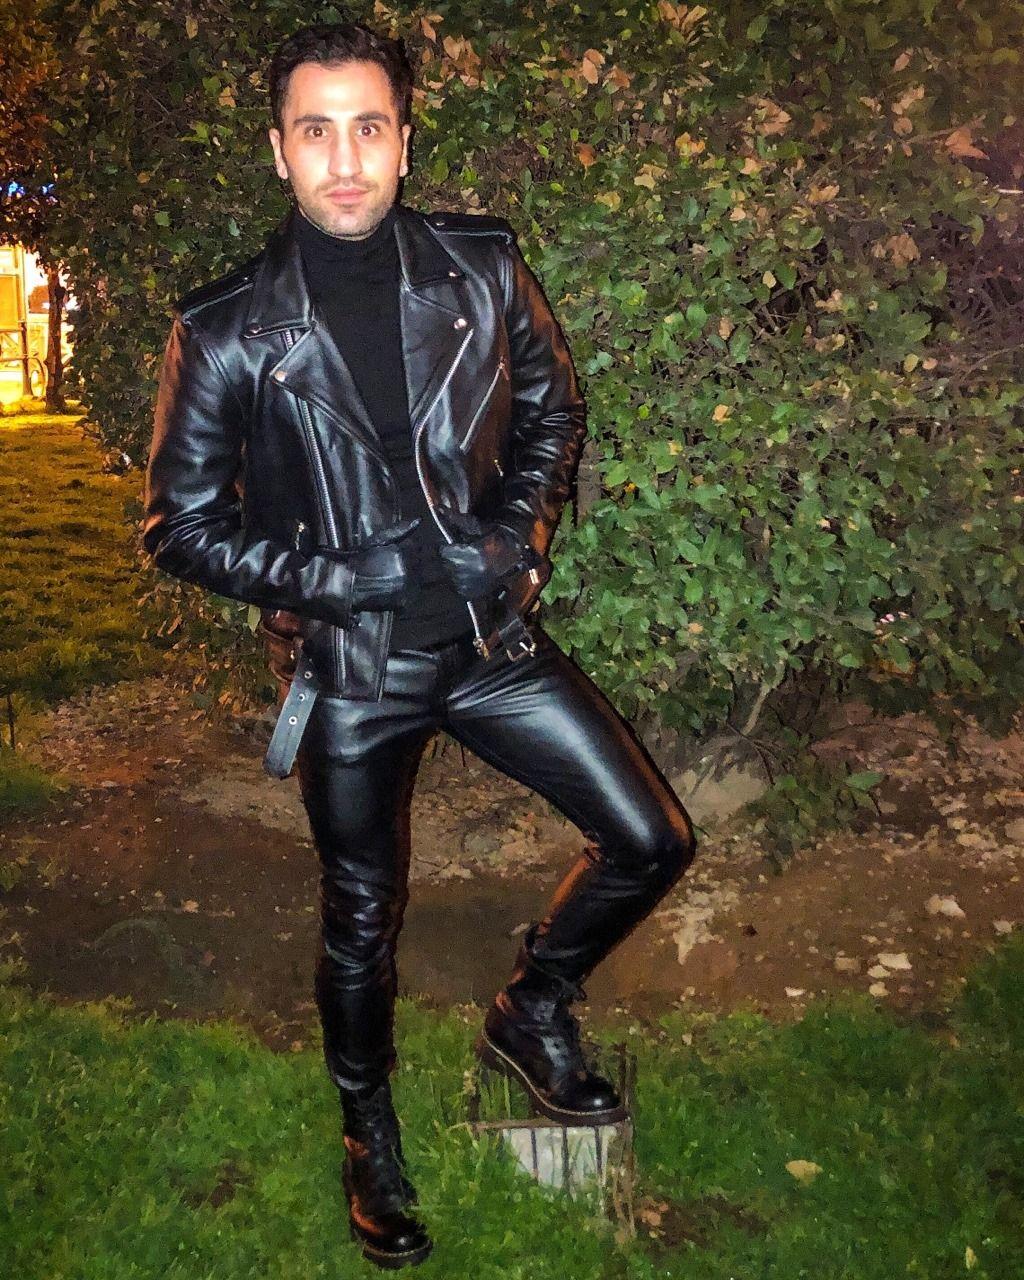 Instalike Instaboy Instafashion Fashion Style Leatherpants Leatherjeans Leathergear Leatherfetis Tight Leather Pants Leather Pants Leather Jacket Men [ 1280 x 1024 Pixel ]